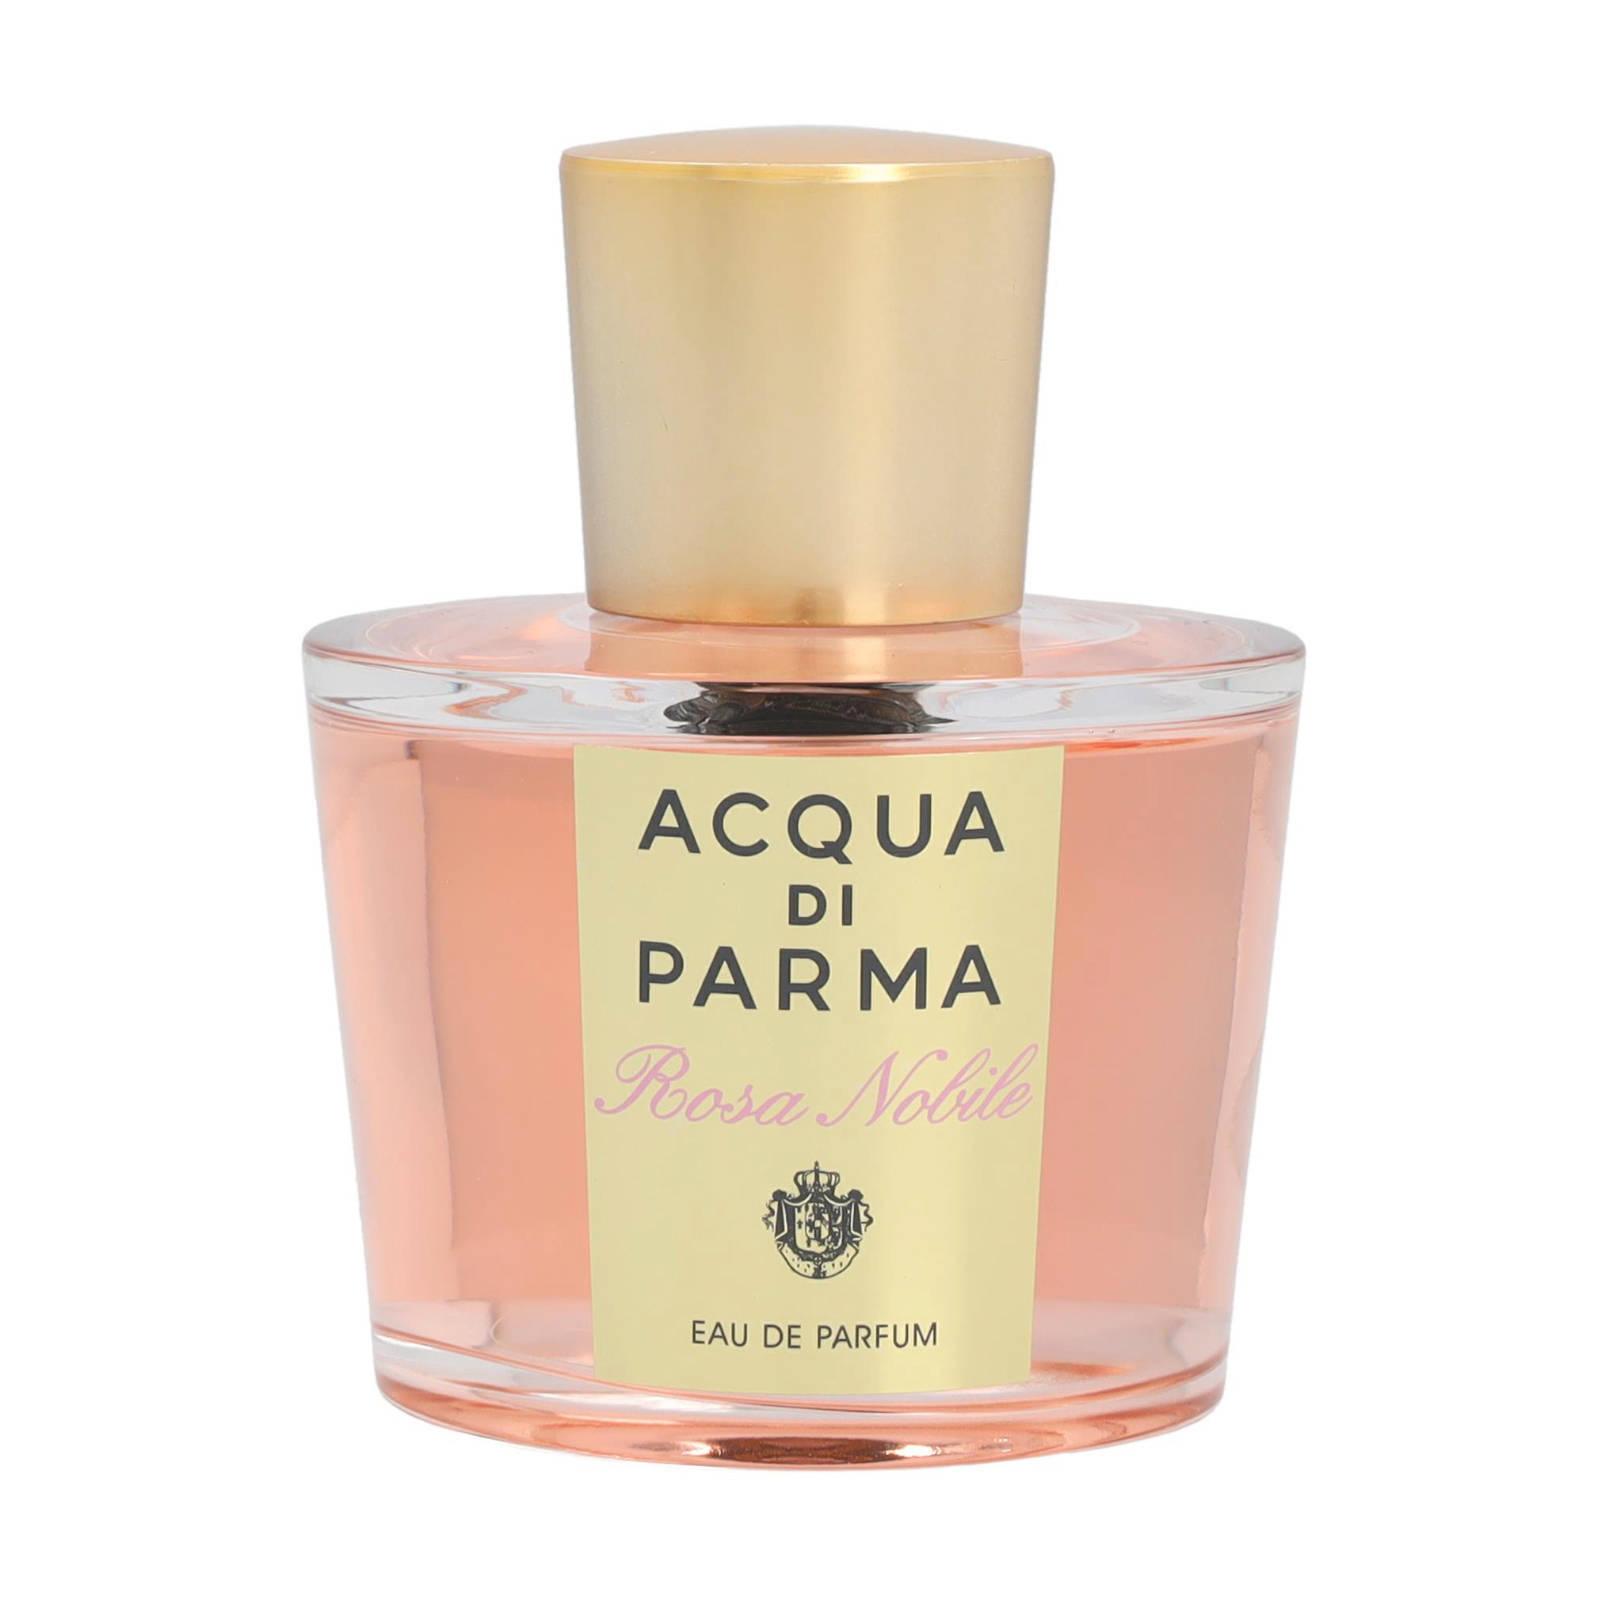 Rosa Nobile eau de parfum 100 ml 100 ml